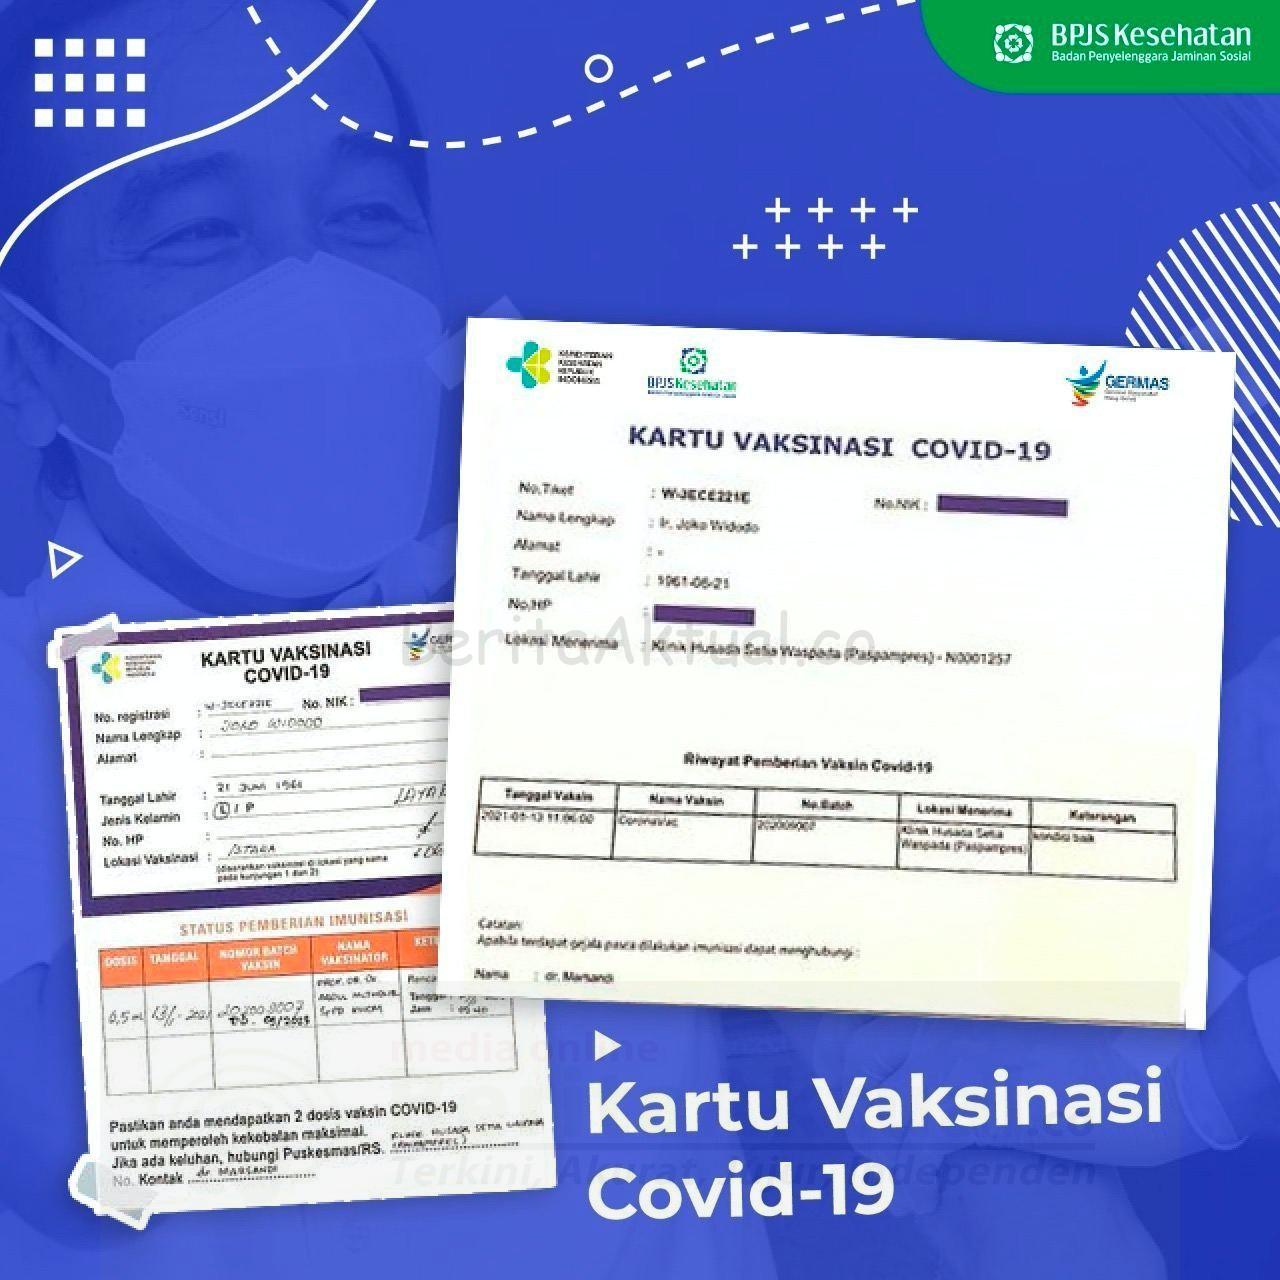 BPJS Kesehatan Mengimbau Masyarakat Gotong Royong Sukseskan Vaksinasi Covid-19 1 IMG 20210115 WA0096